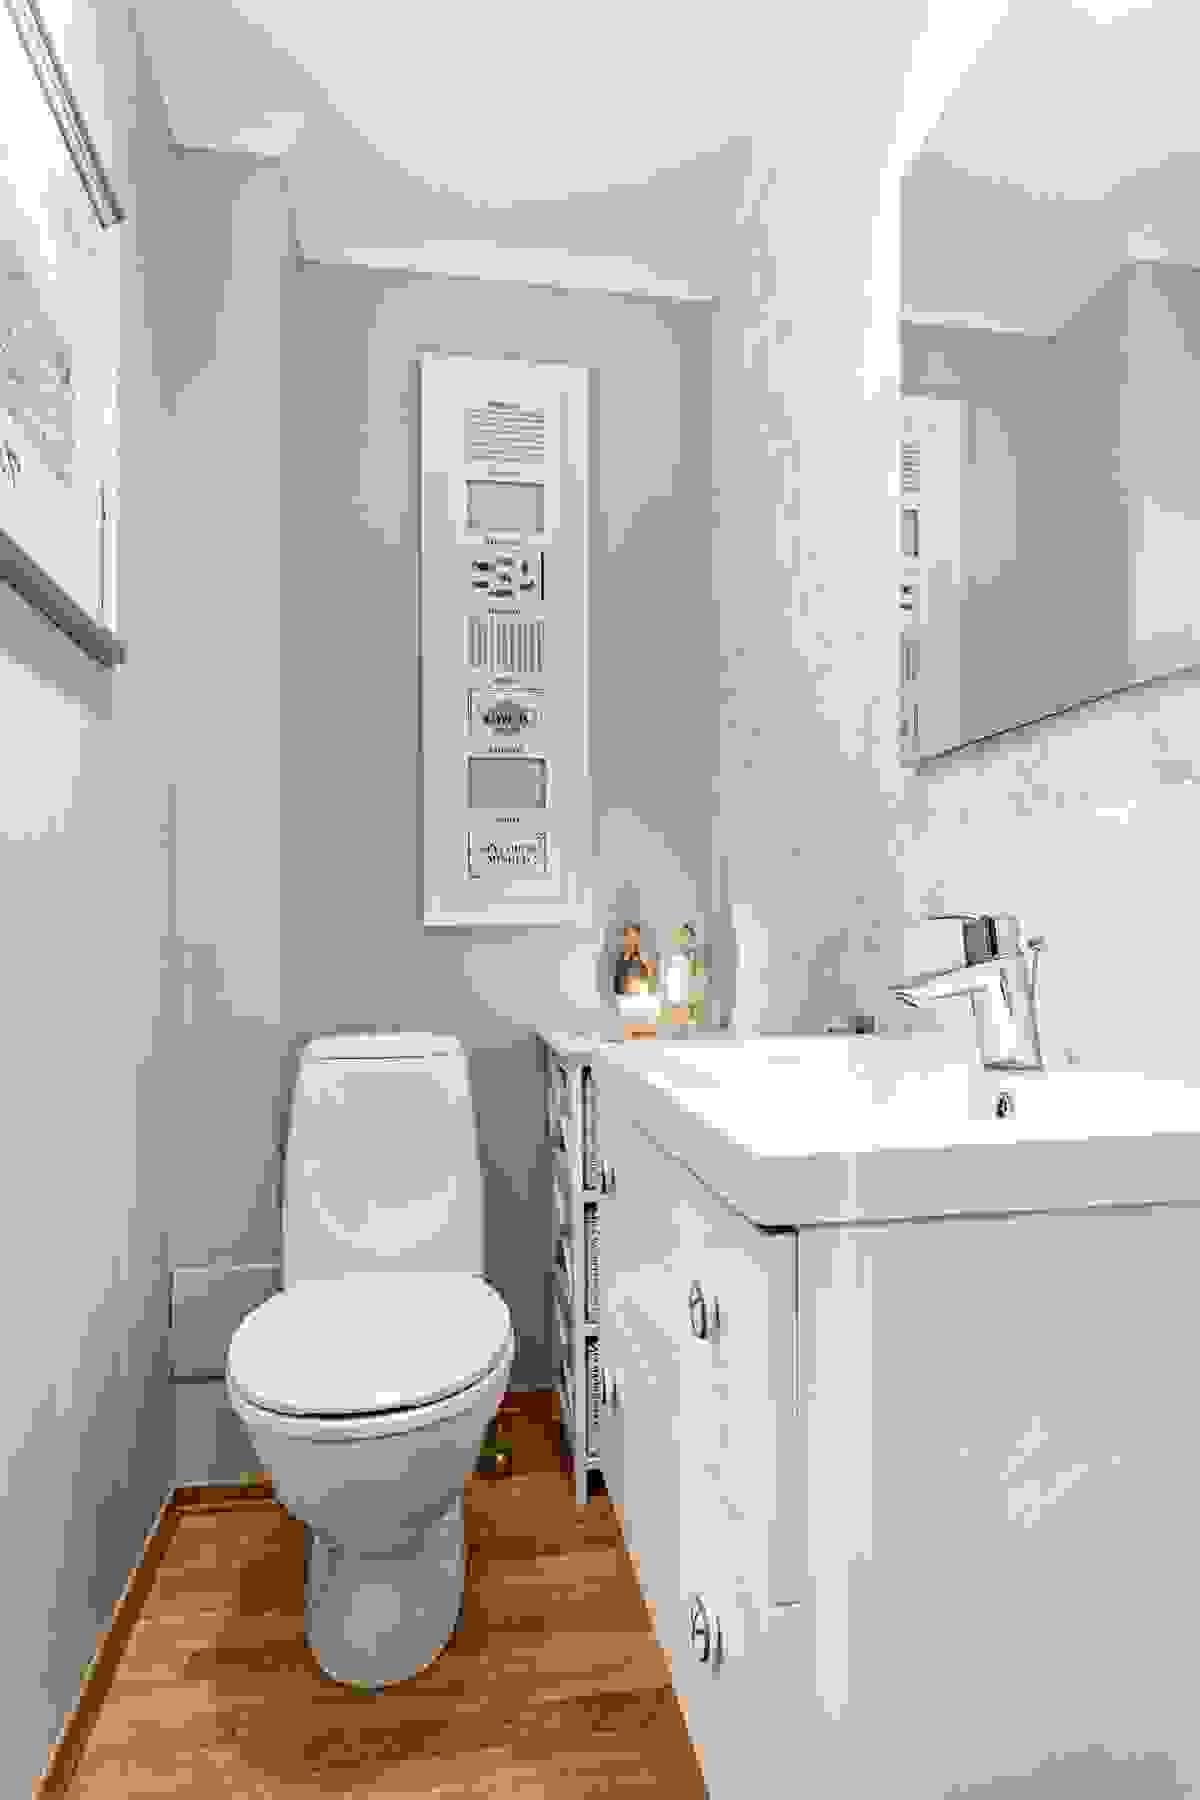 Separat wc i 1. etasje